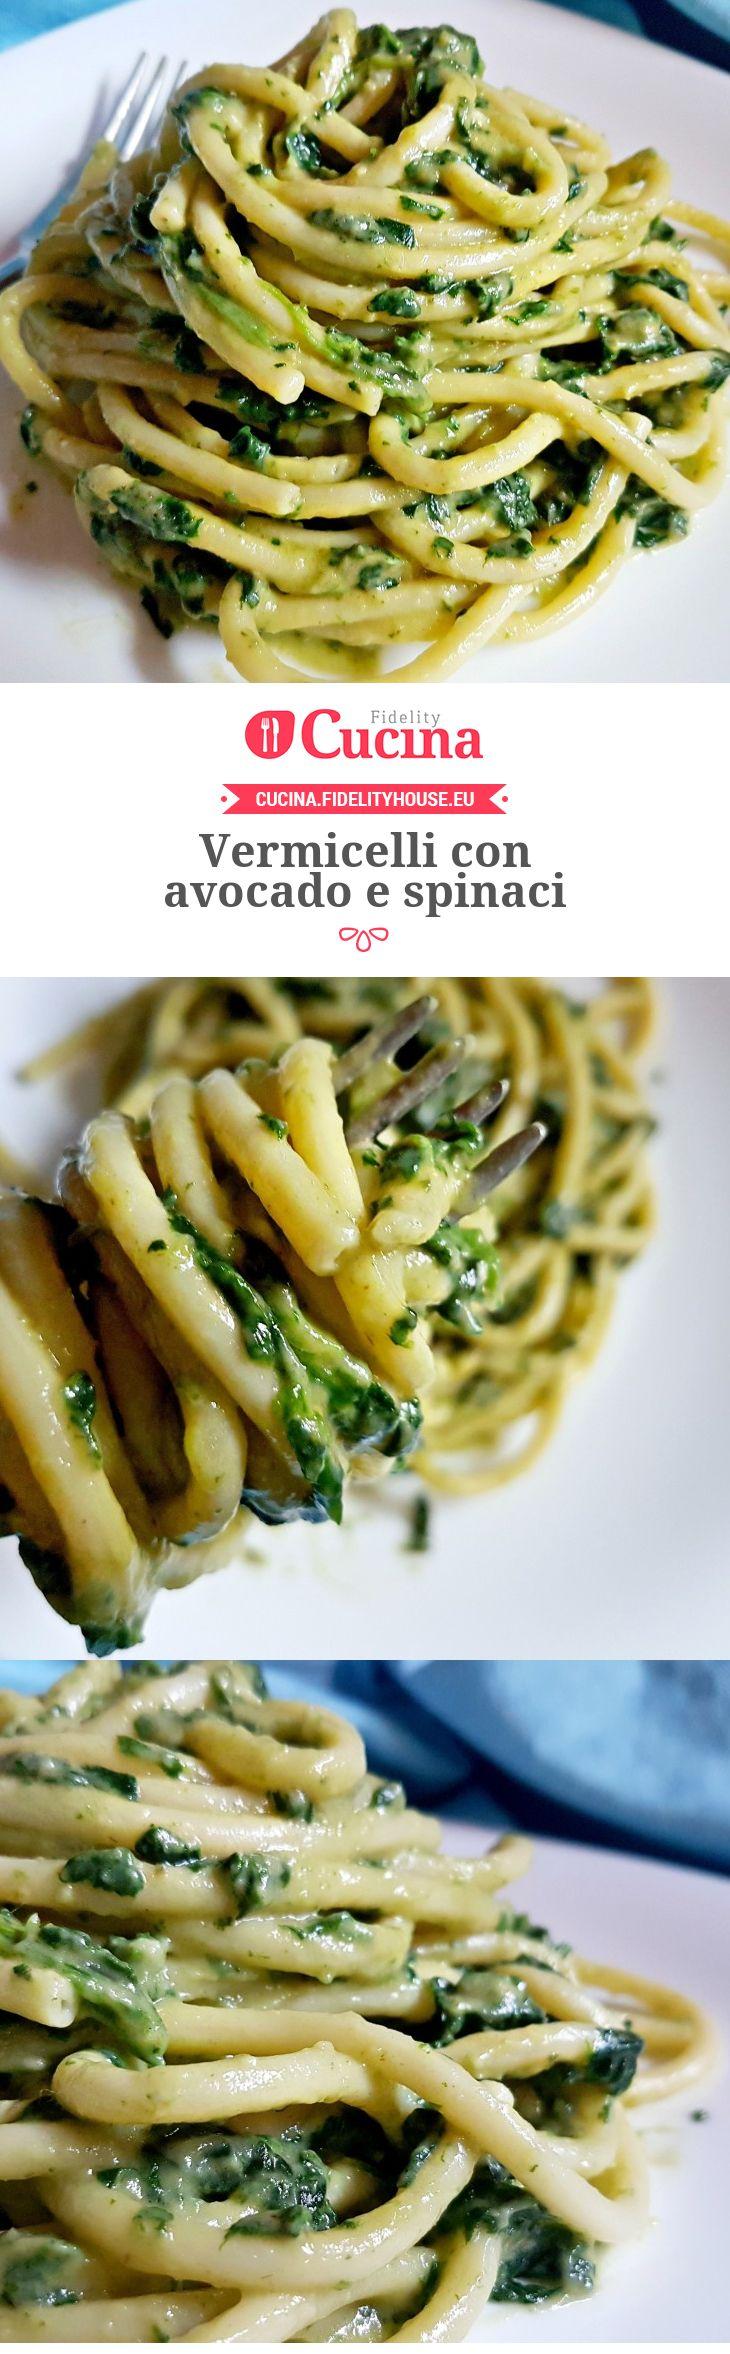 Vermicelli con avocado e spinaci della nostra utente Monica. Unisciti alla nostra Community ed invia le tue ricette!